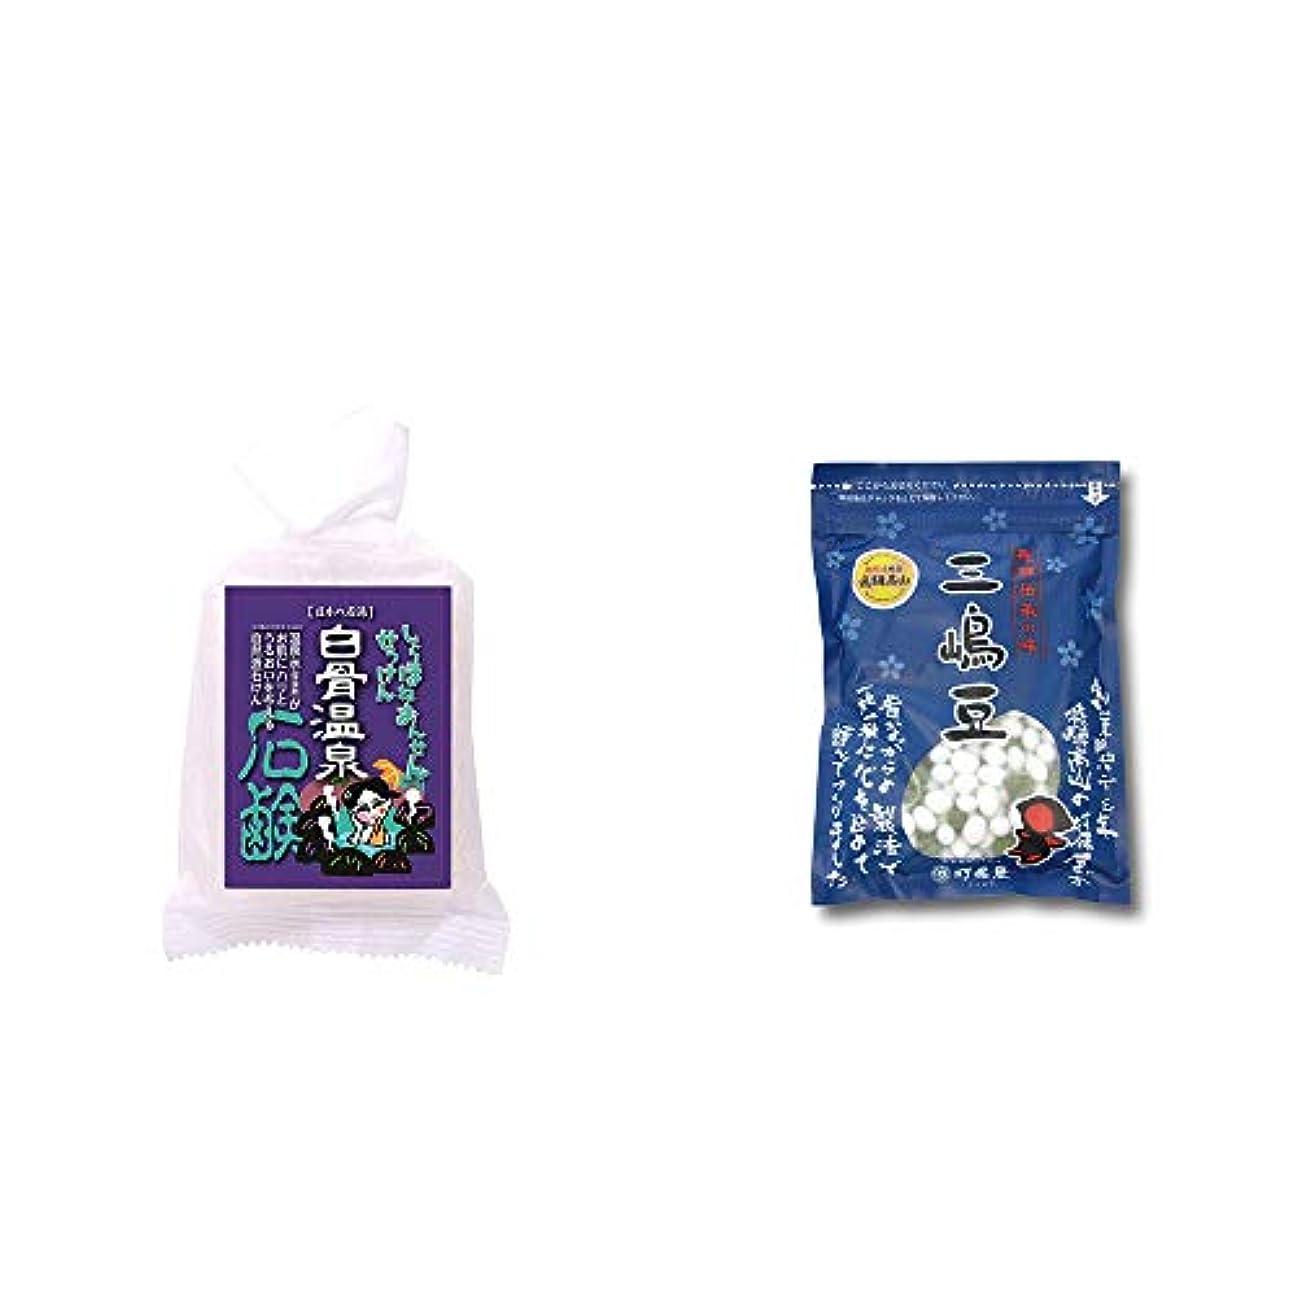 小道慰め火炎[2点セット] 信州 白骨温泉石鹸(80g)?飛騨 打保屋 駄菓子 三嶋豆(150g)